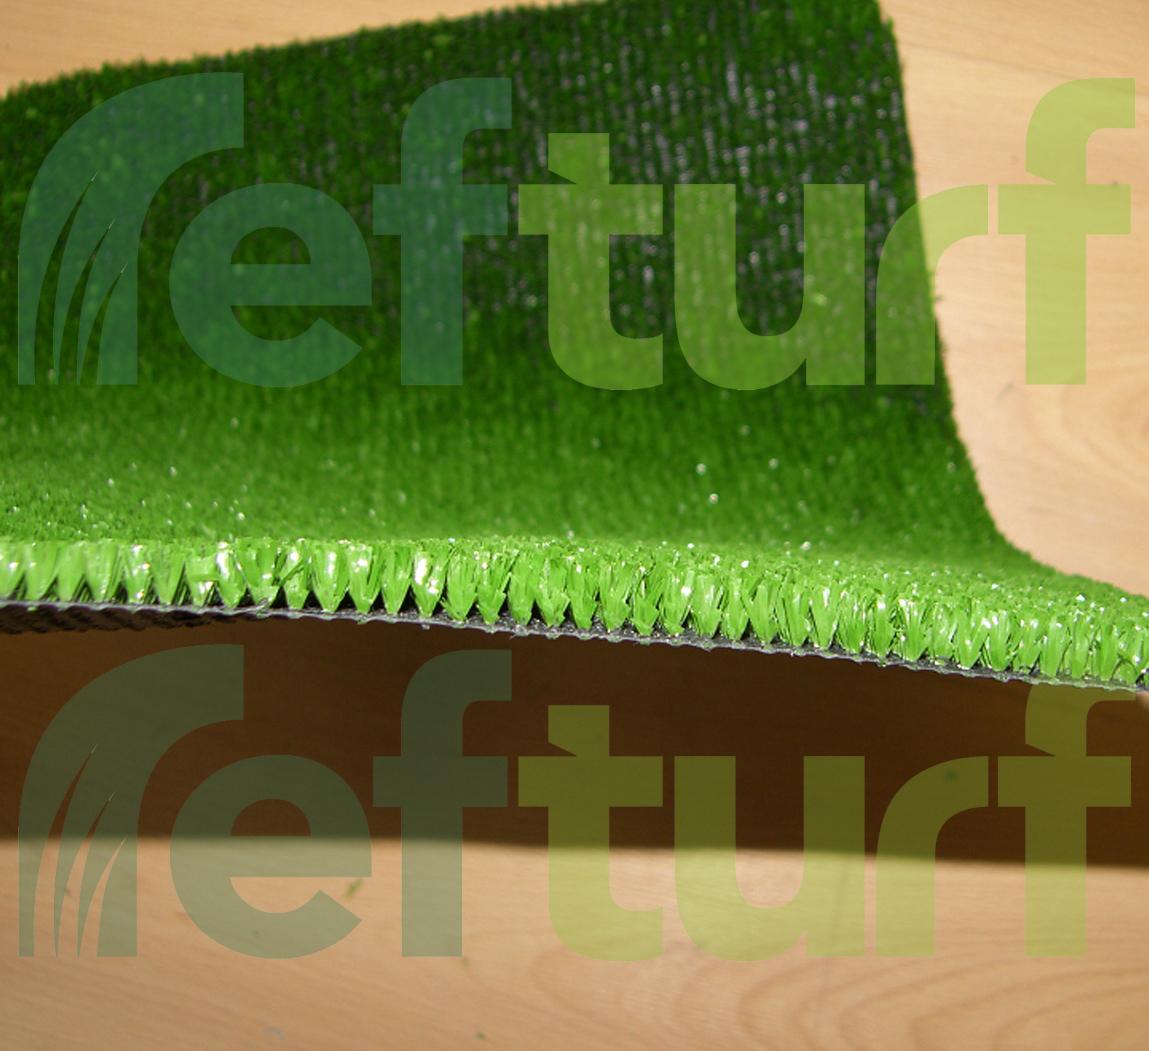 çim halı, çim halı modelleri, nurteks çim halı, duvardan duvara halı,